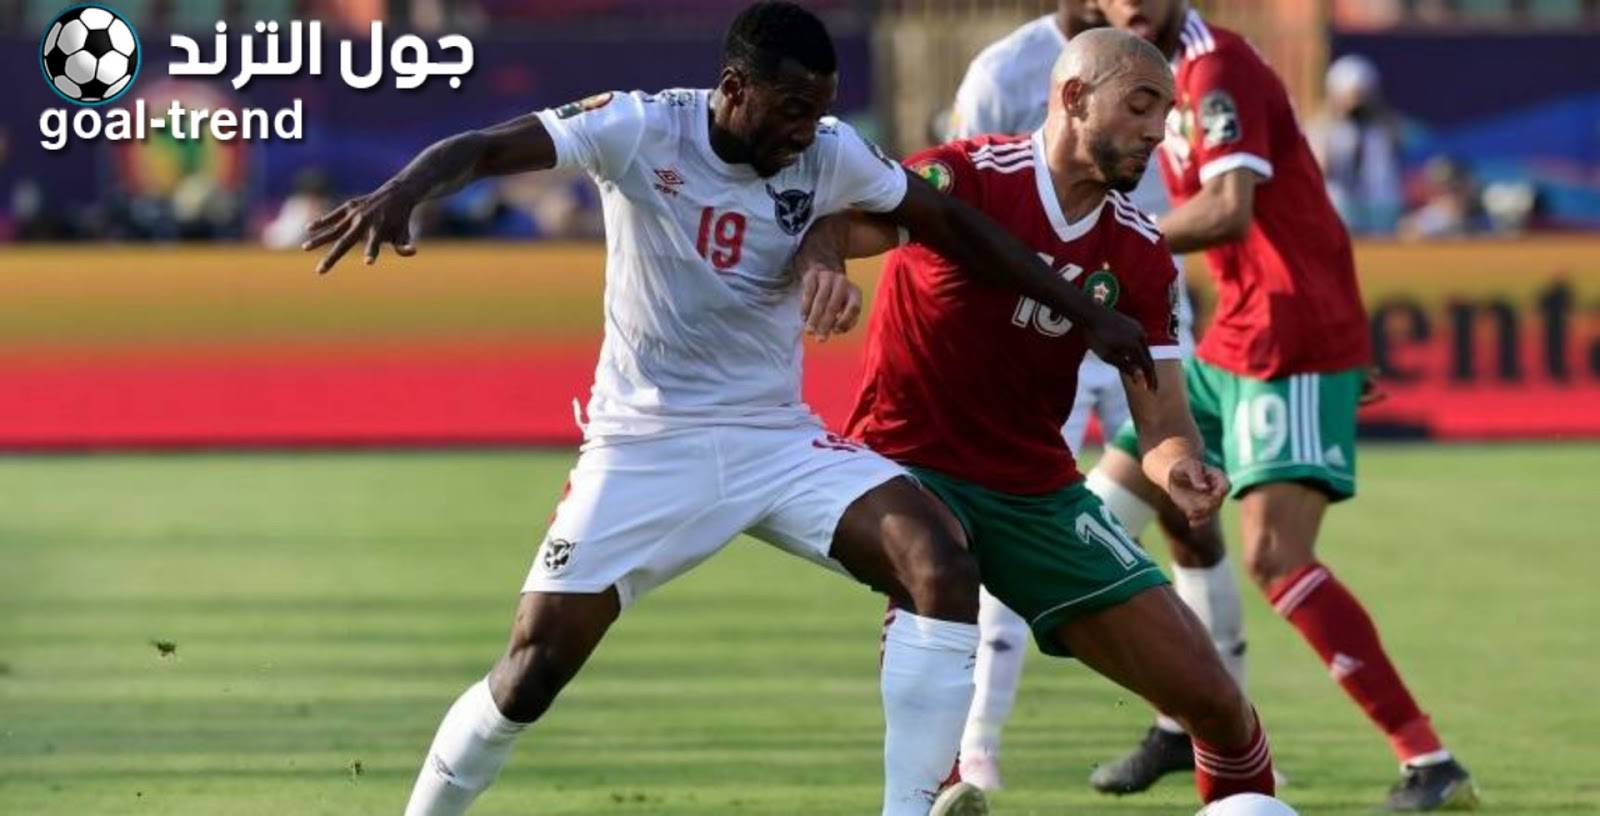 نتيجة مواجهة المغرب وجنوب افريقيا كأس امم افريقيا